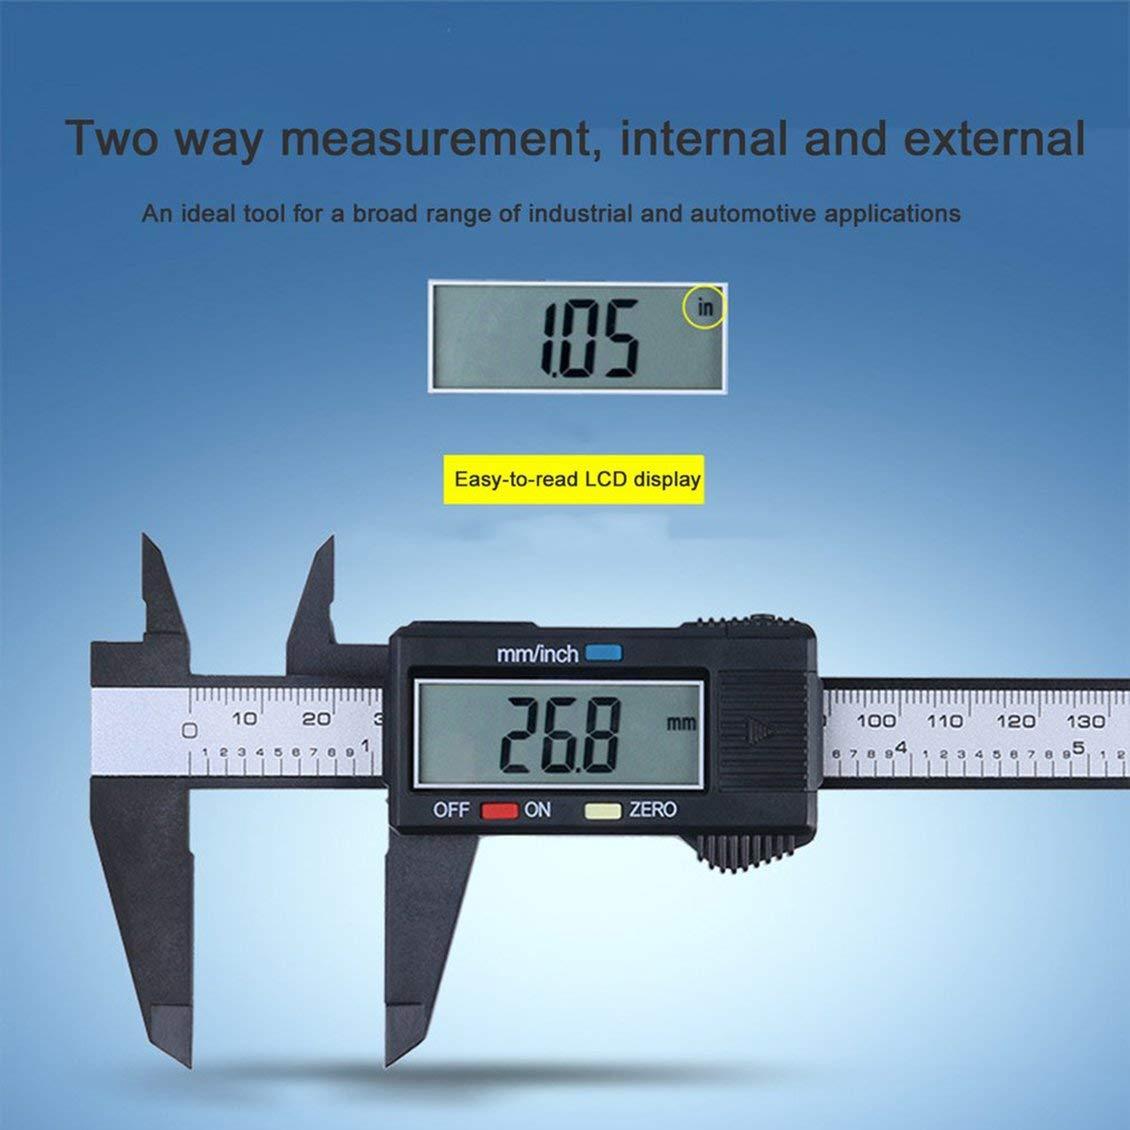 Negro Fibra de carbono Composites Calibrador digital LCD Calibrador de 0-150 mm Medici/ón Herramienta de medici/ón Regla de calibrador con conversi/ón de pulgadas a mm